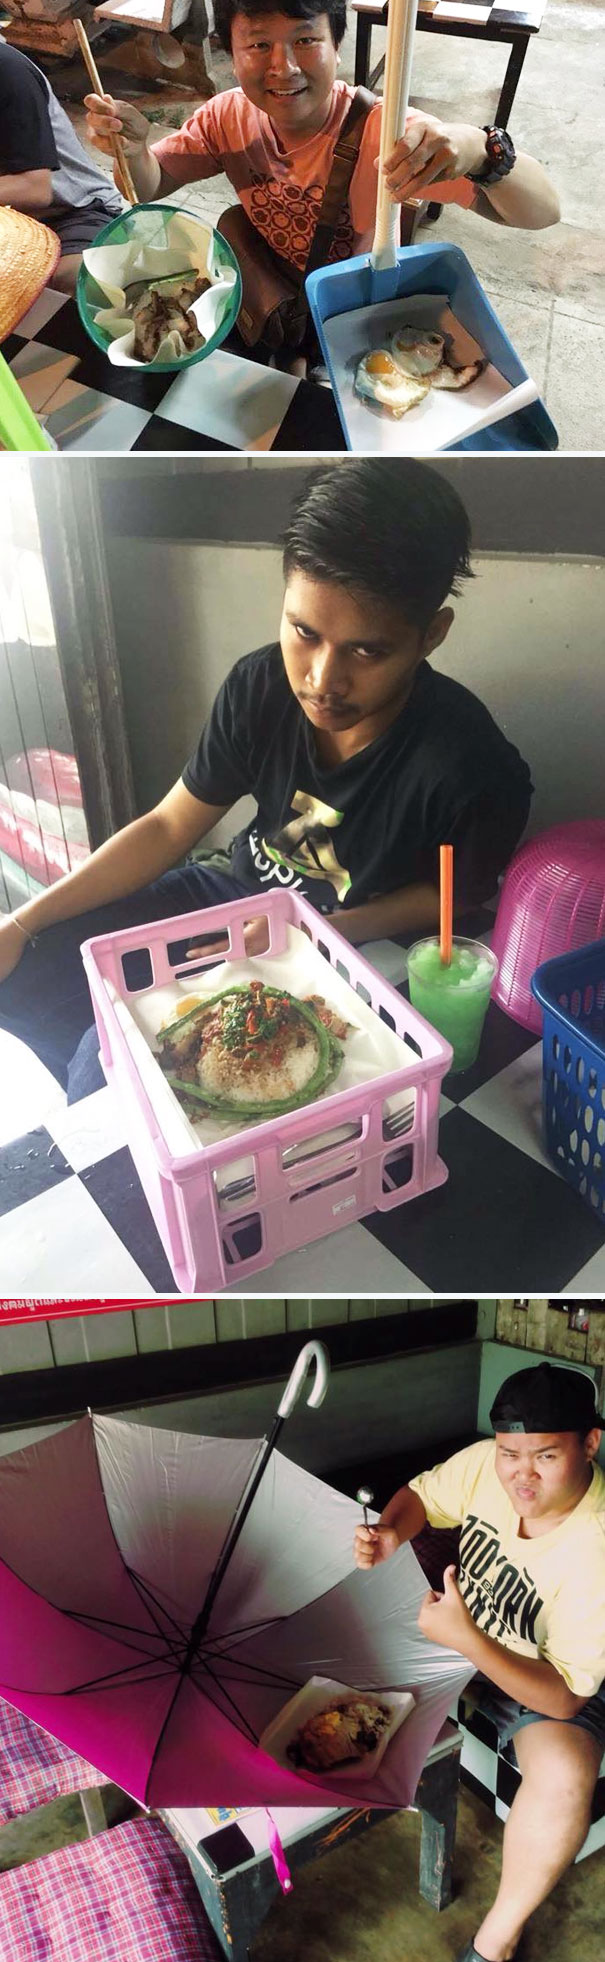 Εστιατόρια που ίσως το παράκαναν στην προσπάθειά τους για πρωτότυπο σερβίρισμα (18)